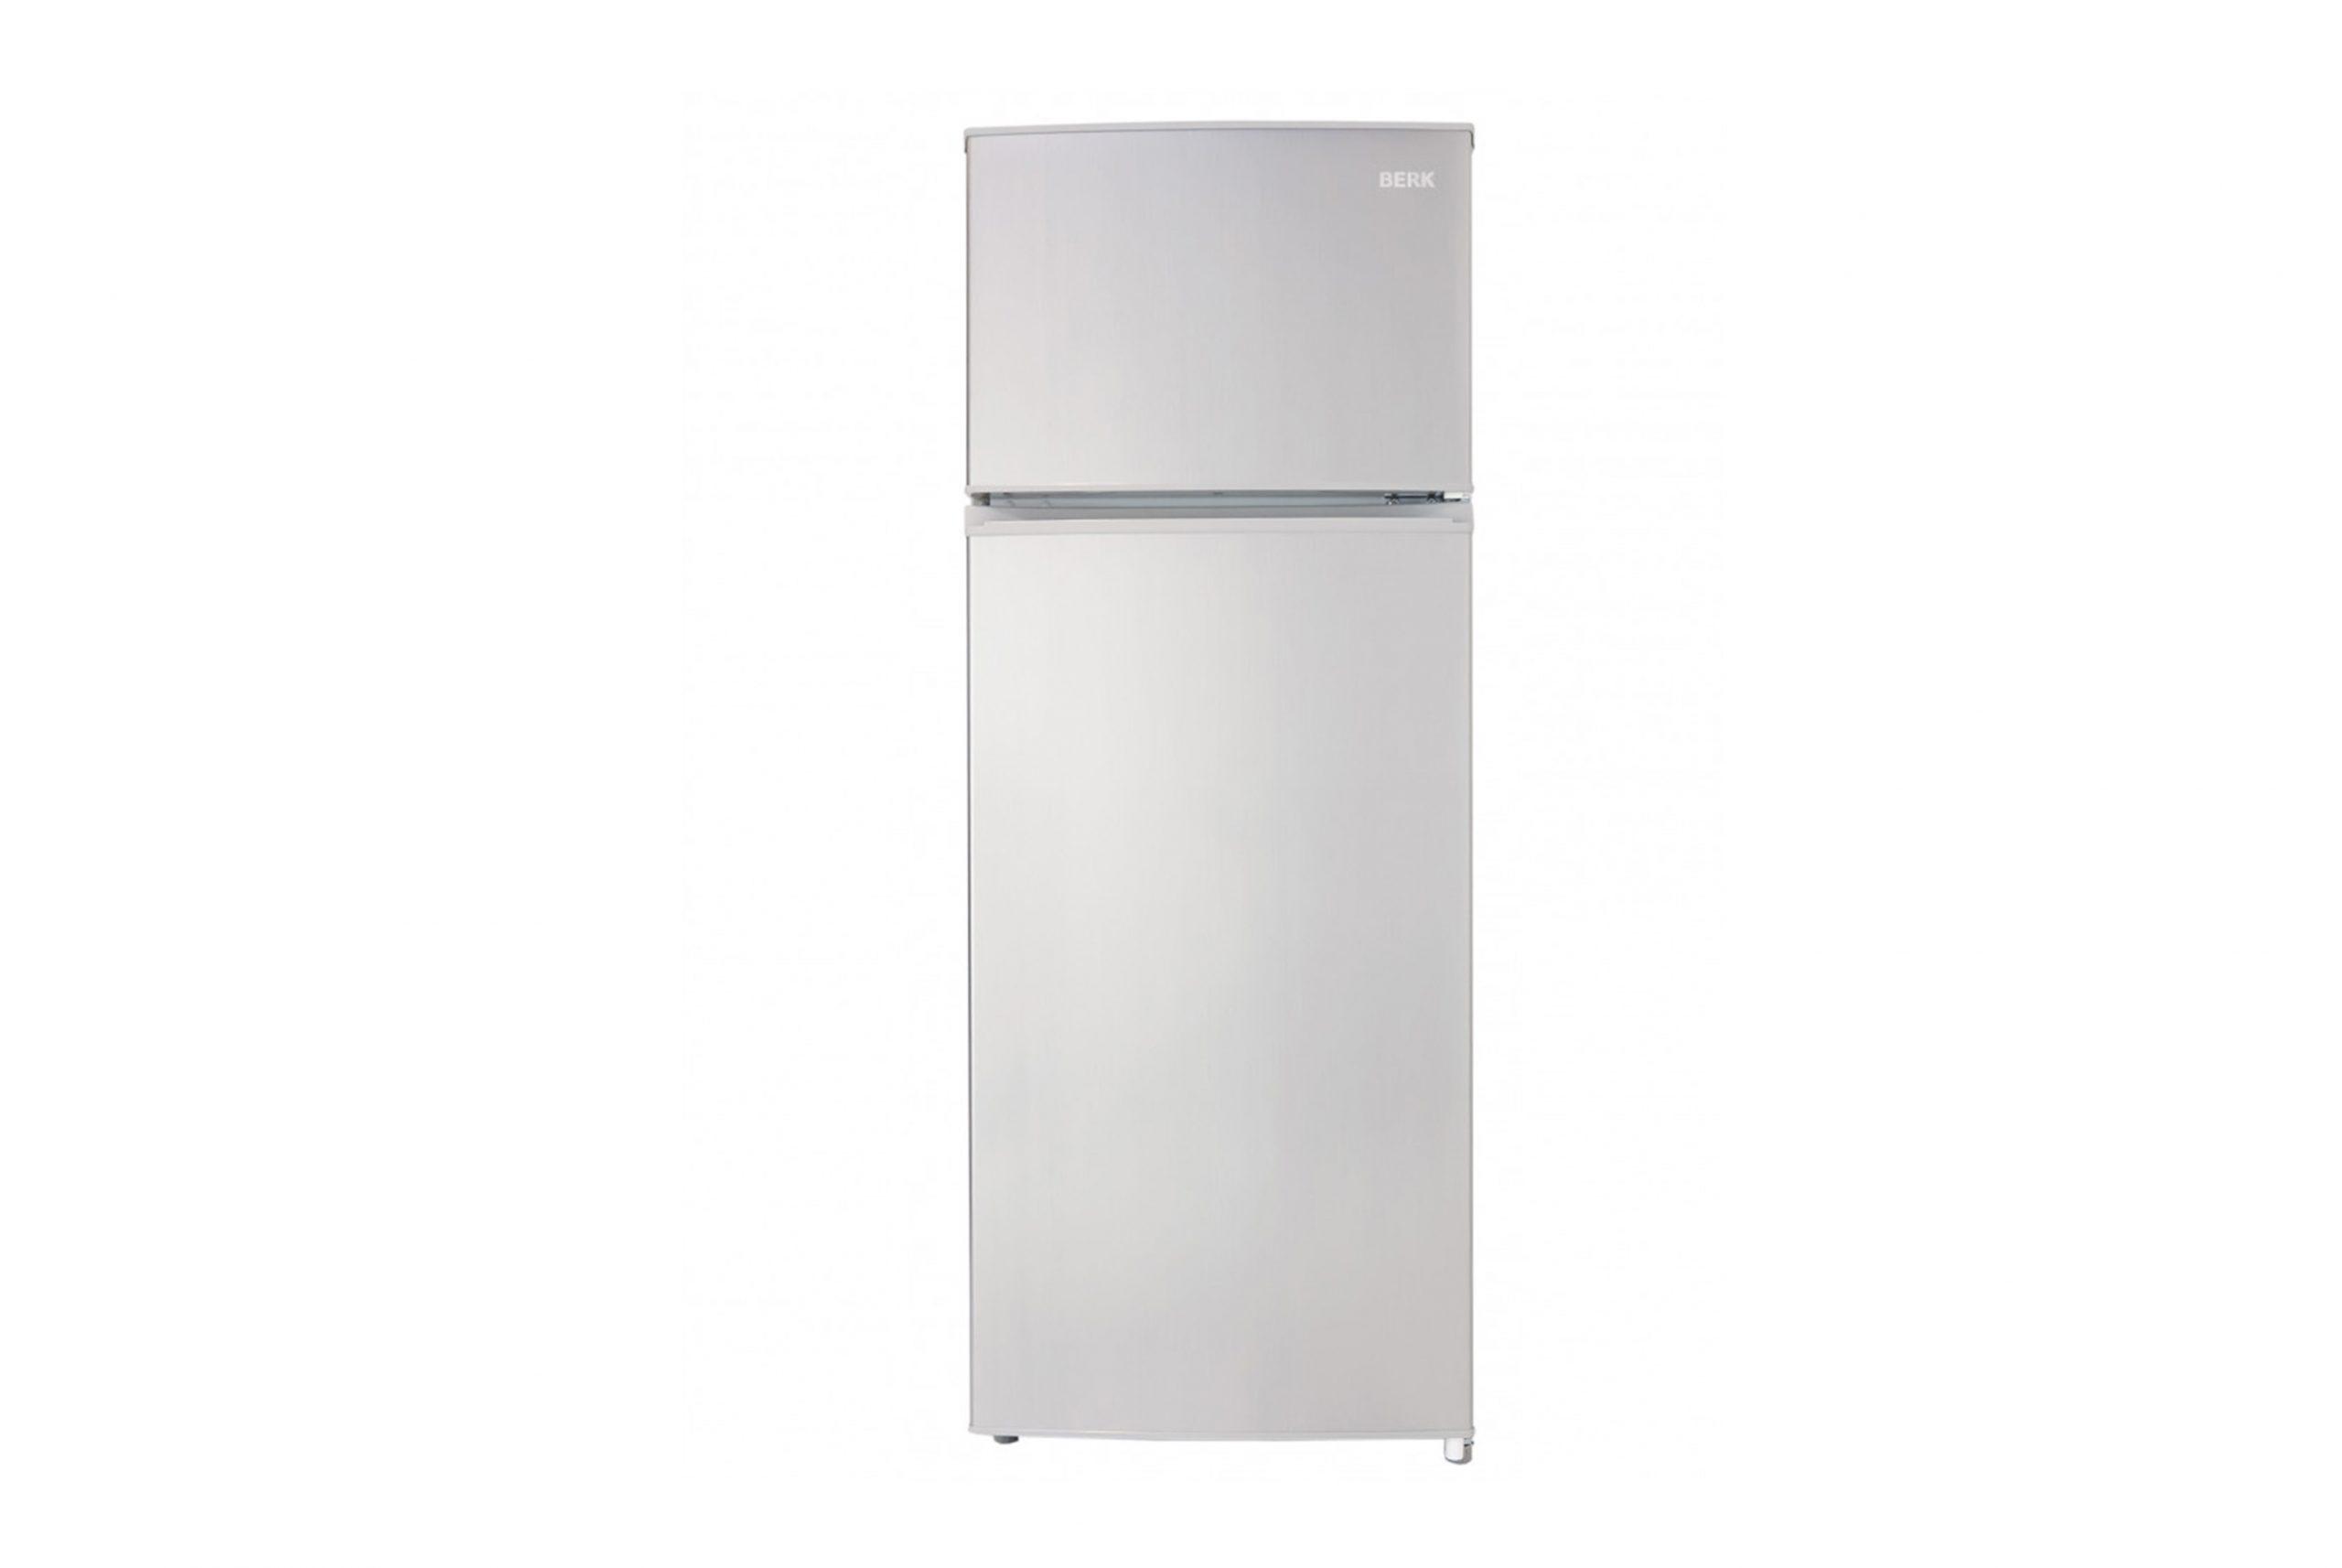 Laisvai pastatomas šaldytuvas su šaldikliu viršuje šaldytuvas BERK BK-273SAS A+